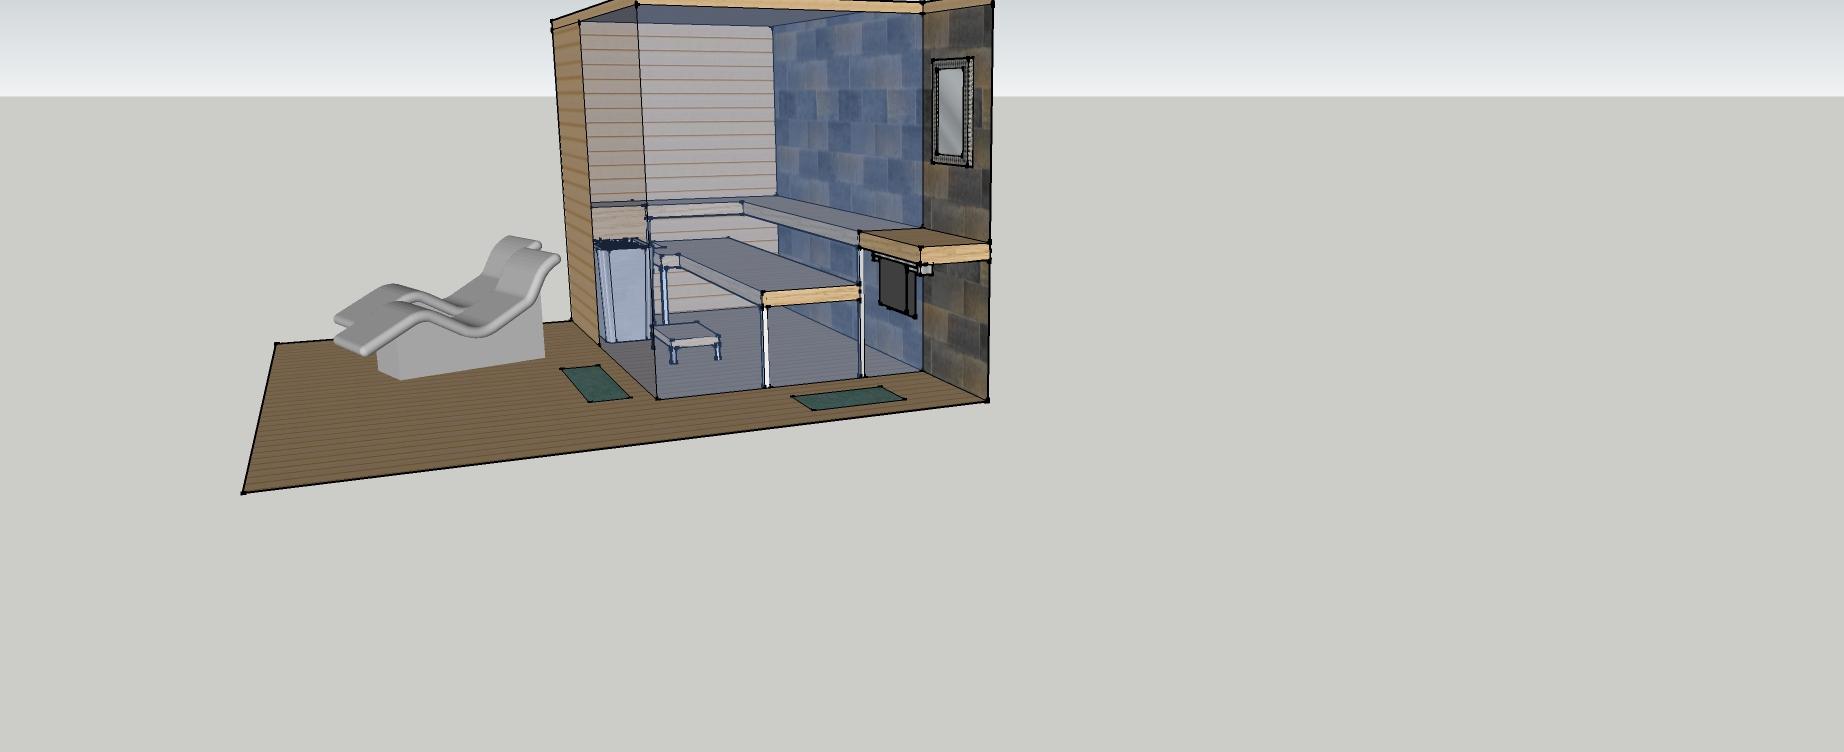 Wassenaar_sauna_4 - Ontwerp: Eikenhouten bijgebouw met carport en berging. Voorzien van wellness, sauna en stoomcabine. Plaats Wassenaar